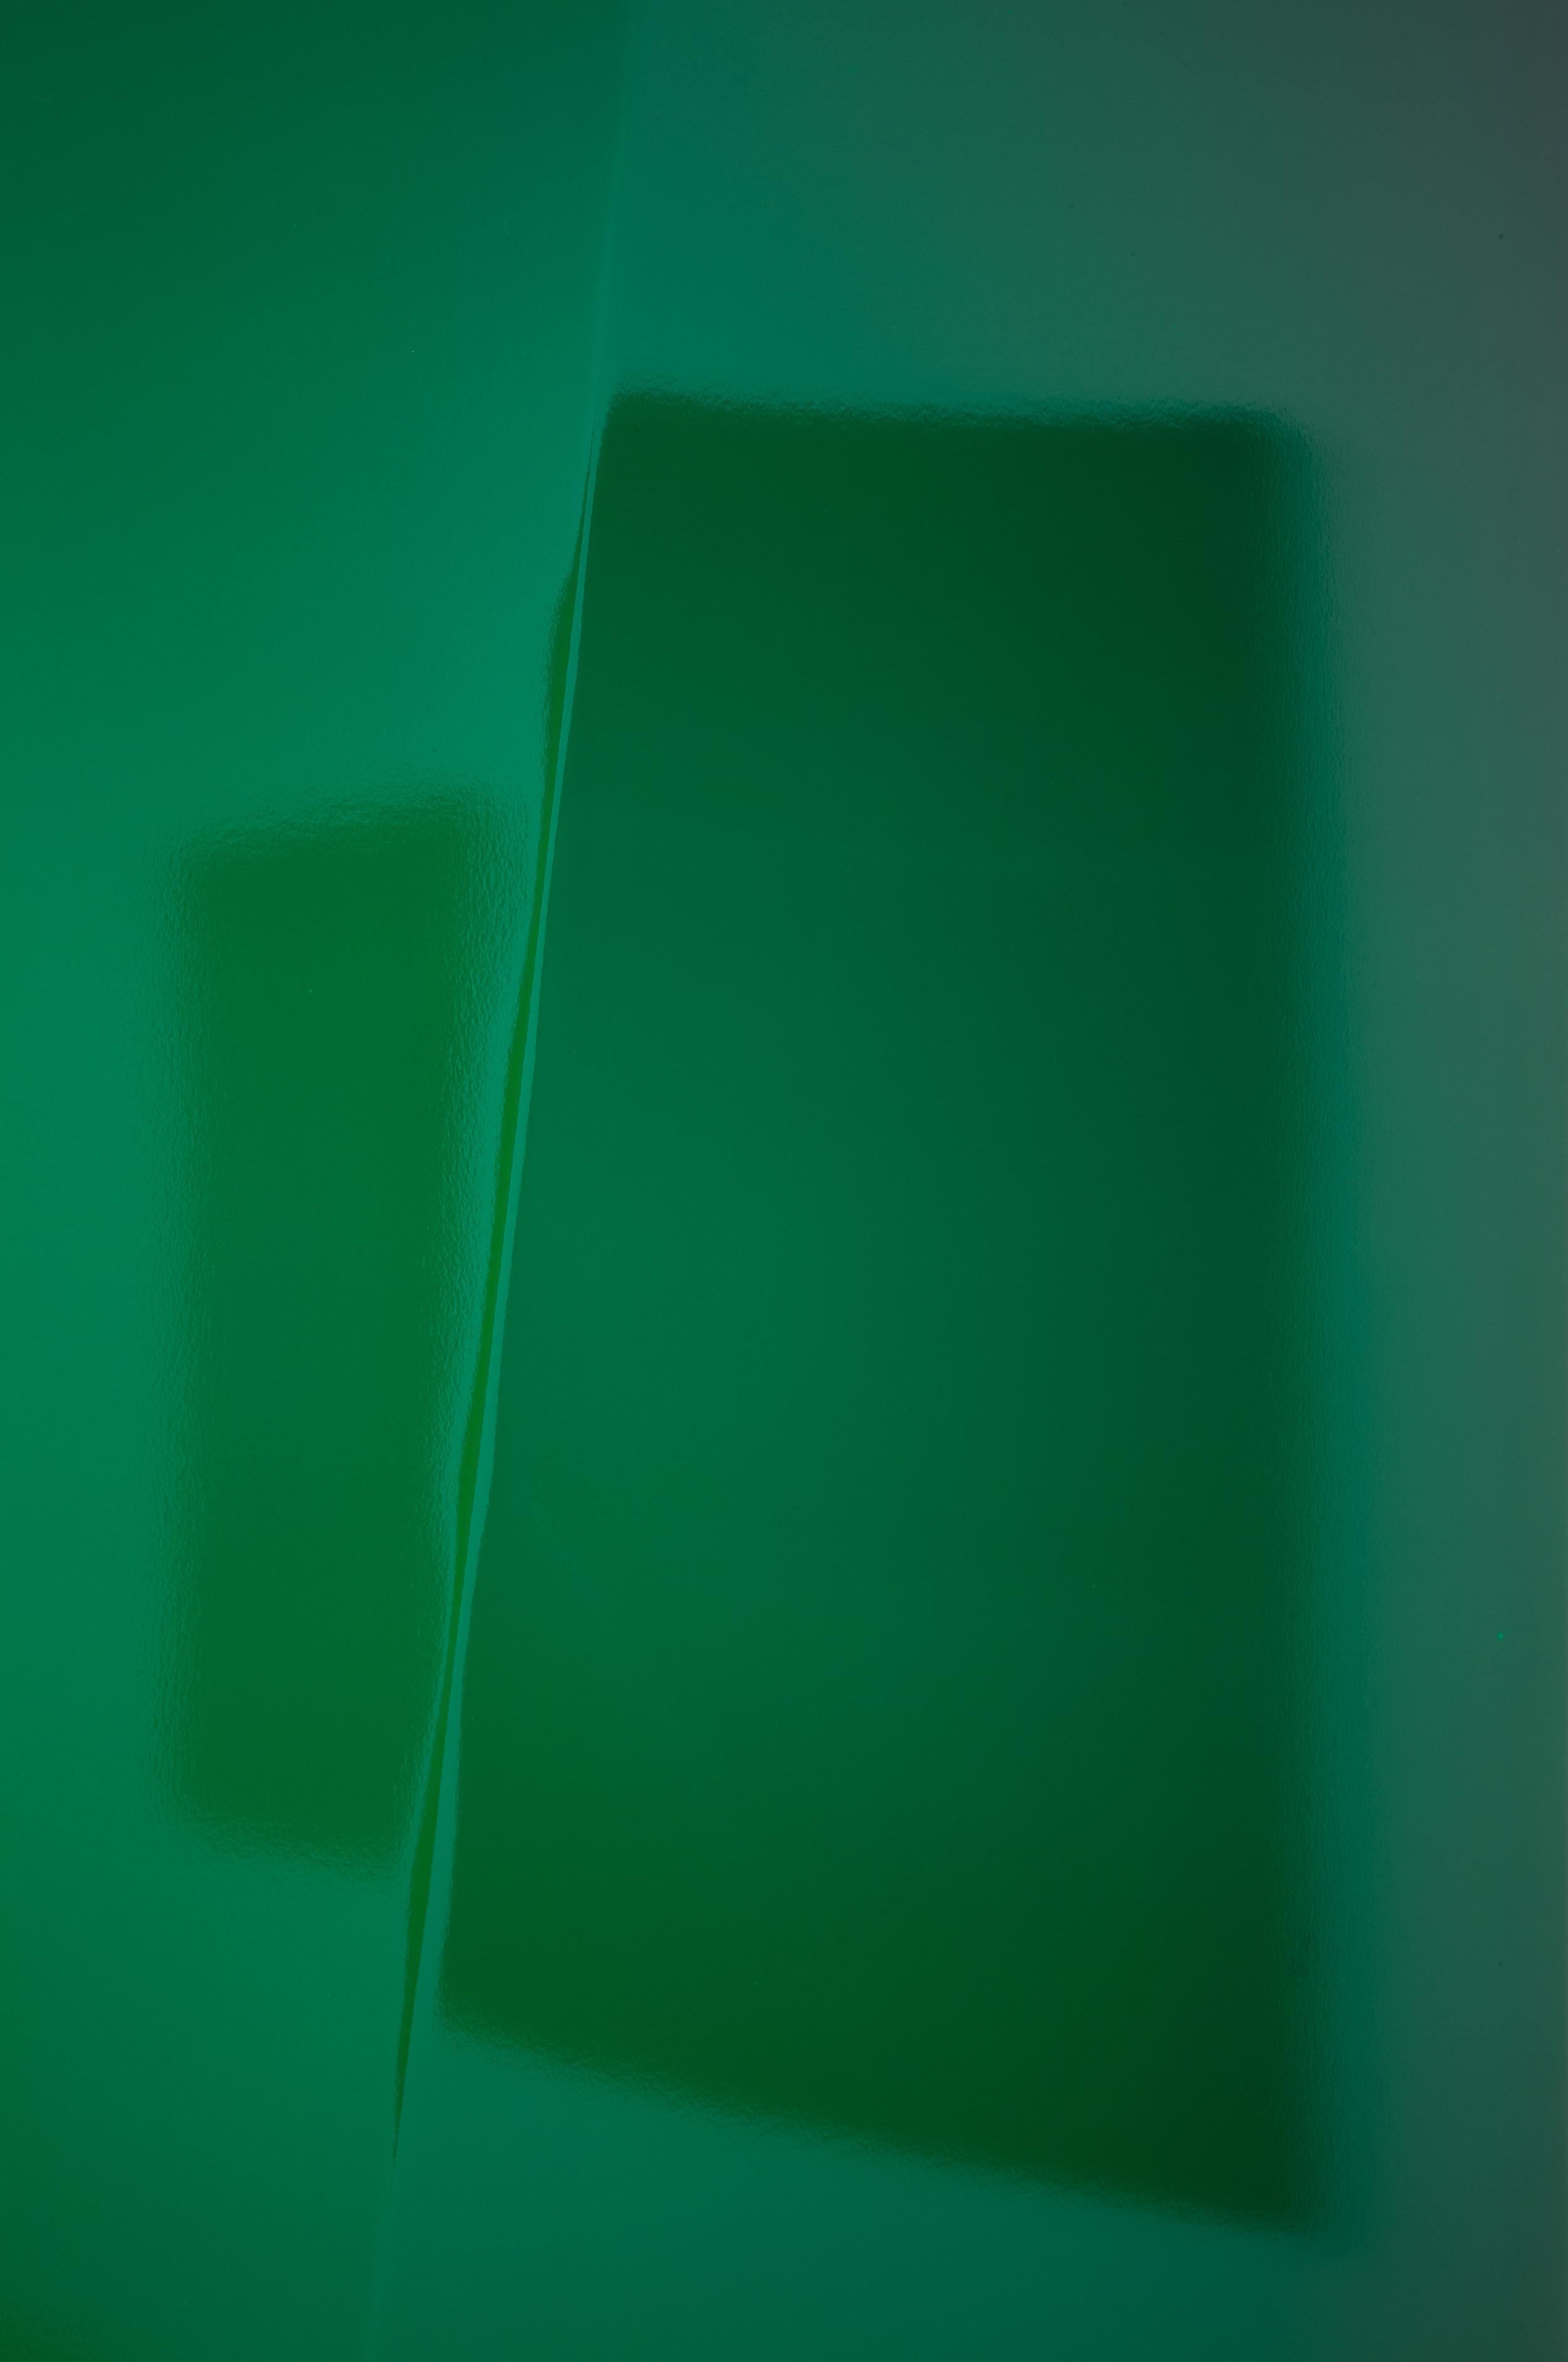 Green Bent (detail)